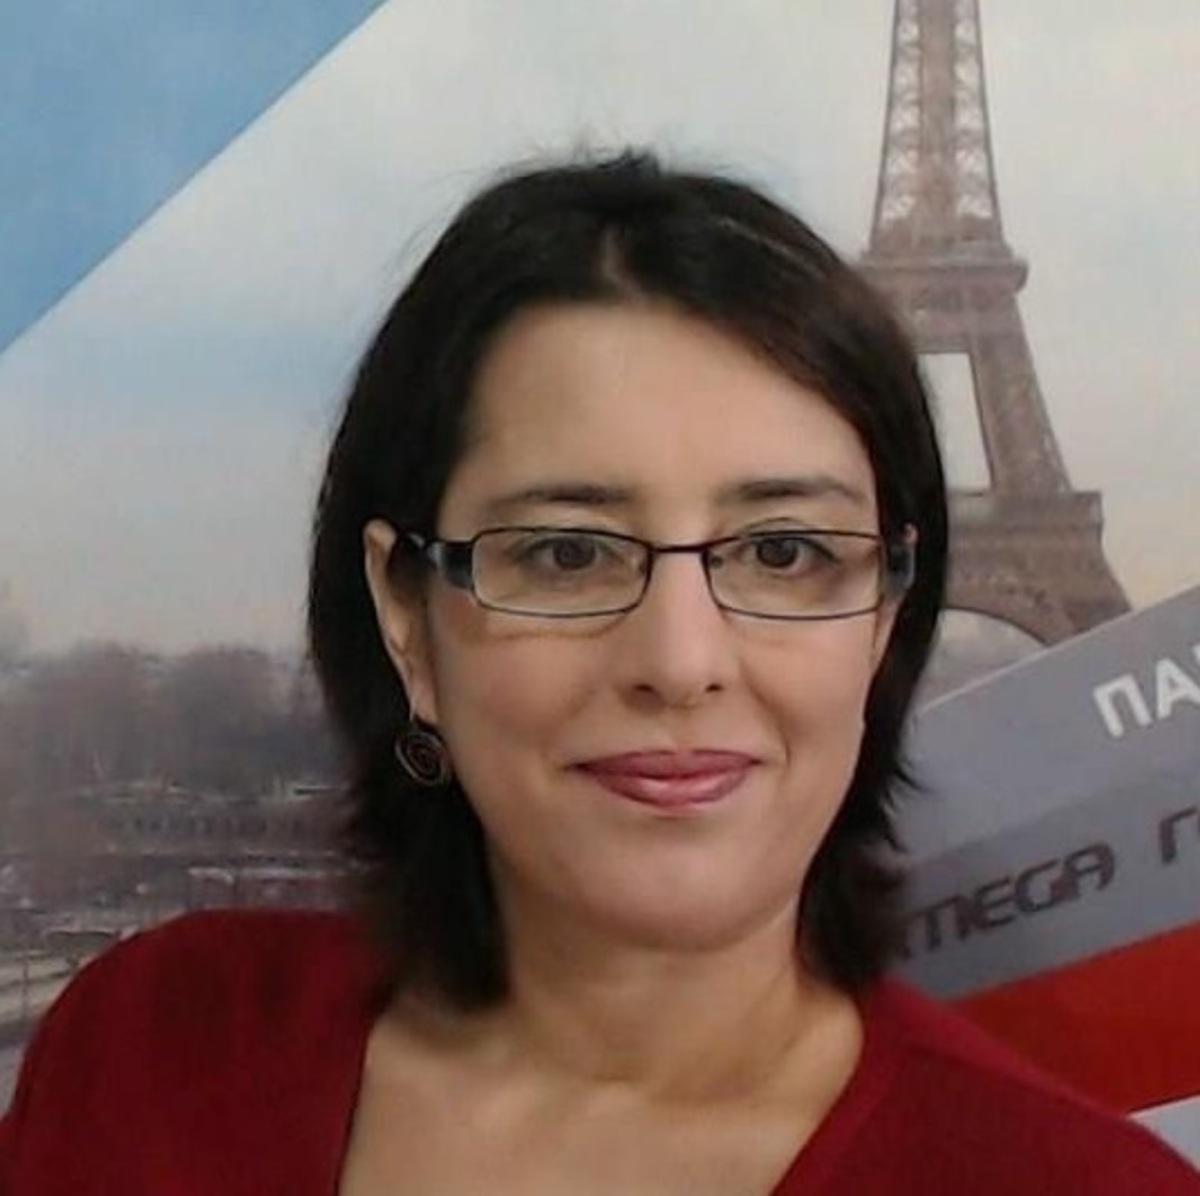 Μεγάλη μαγκιά! Η Ελληνίδα δημοσιογράφος που έκανε τον Ολάντ και την Μέρκελ να «παγώσουν»